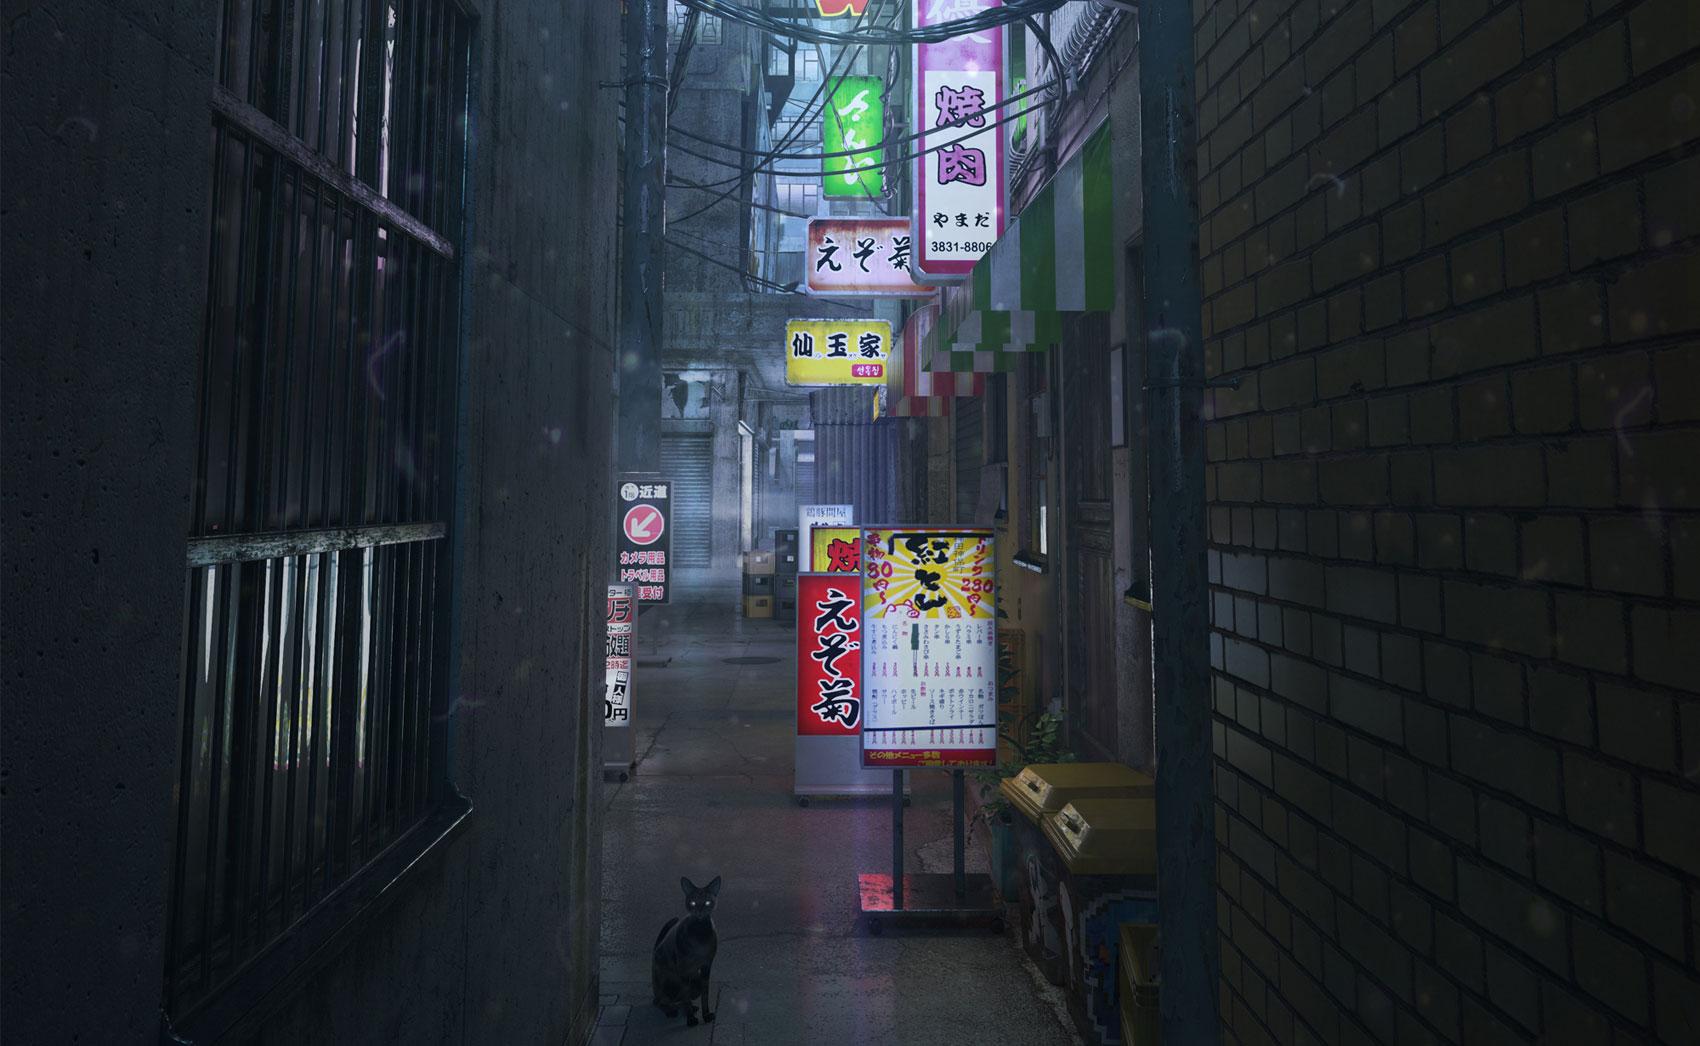 07-ruelle-japon-3d